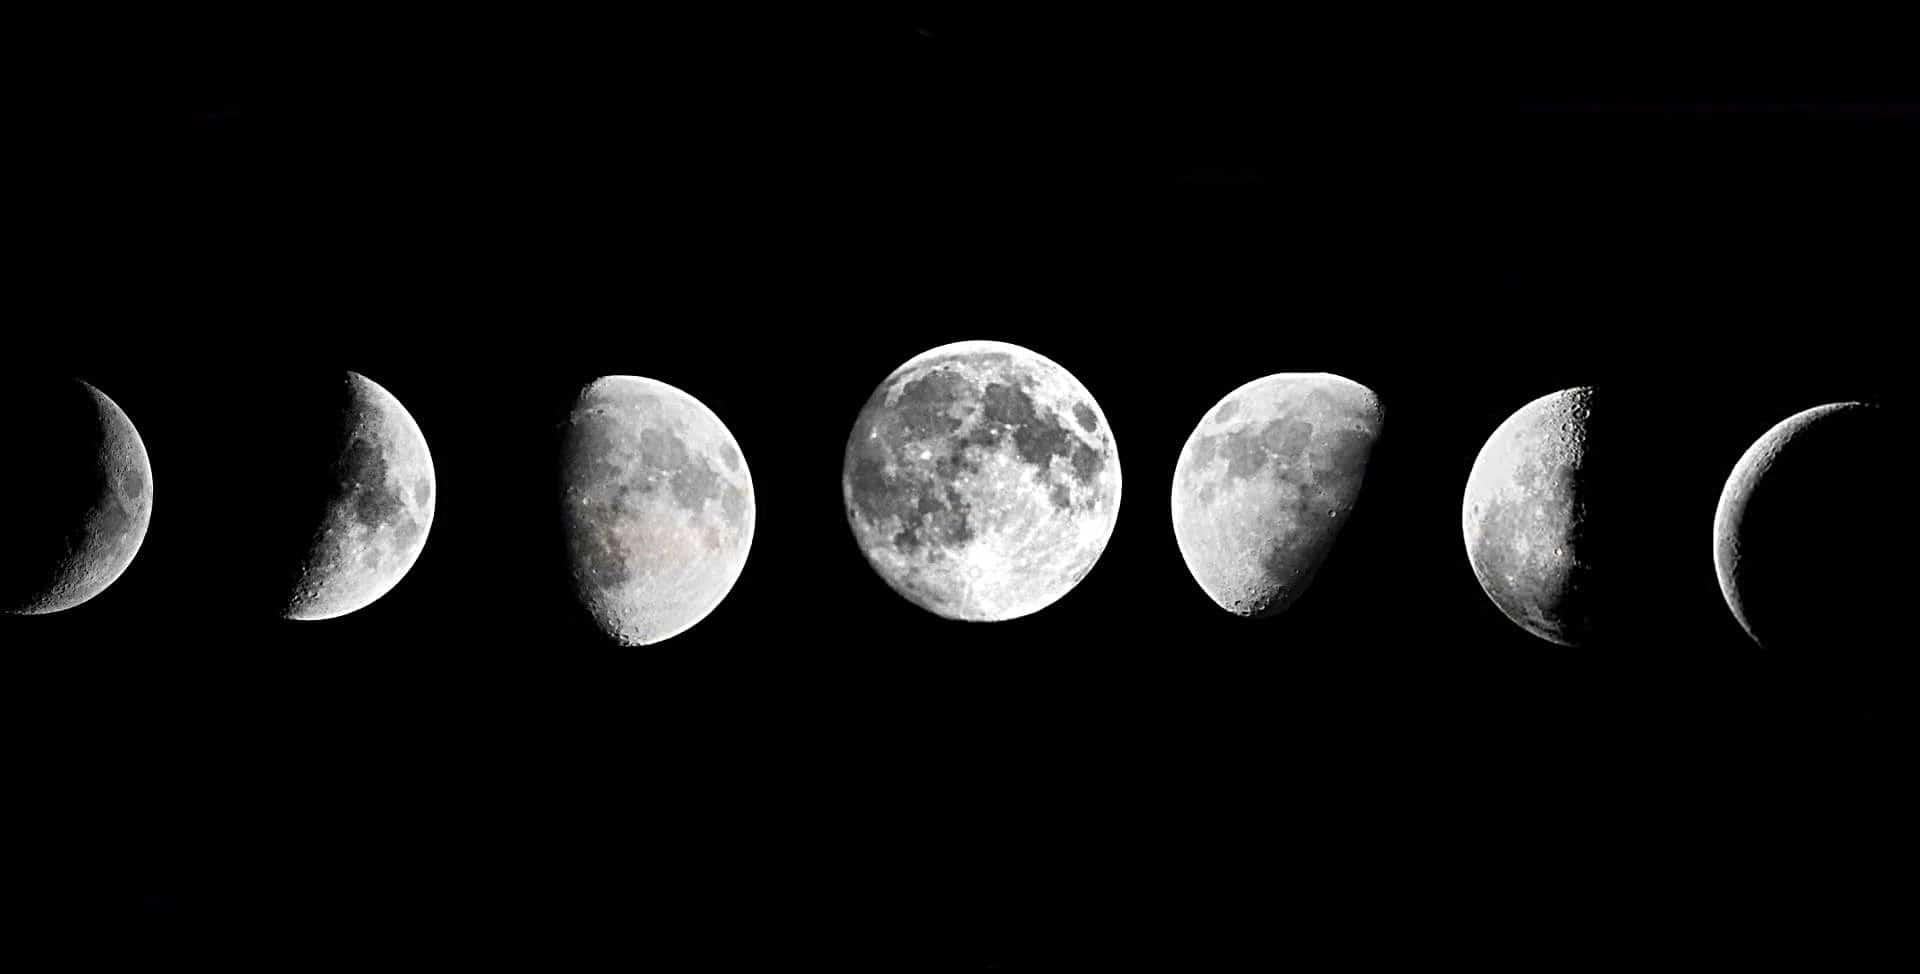 в разные фазы Луны меняется самочувствие